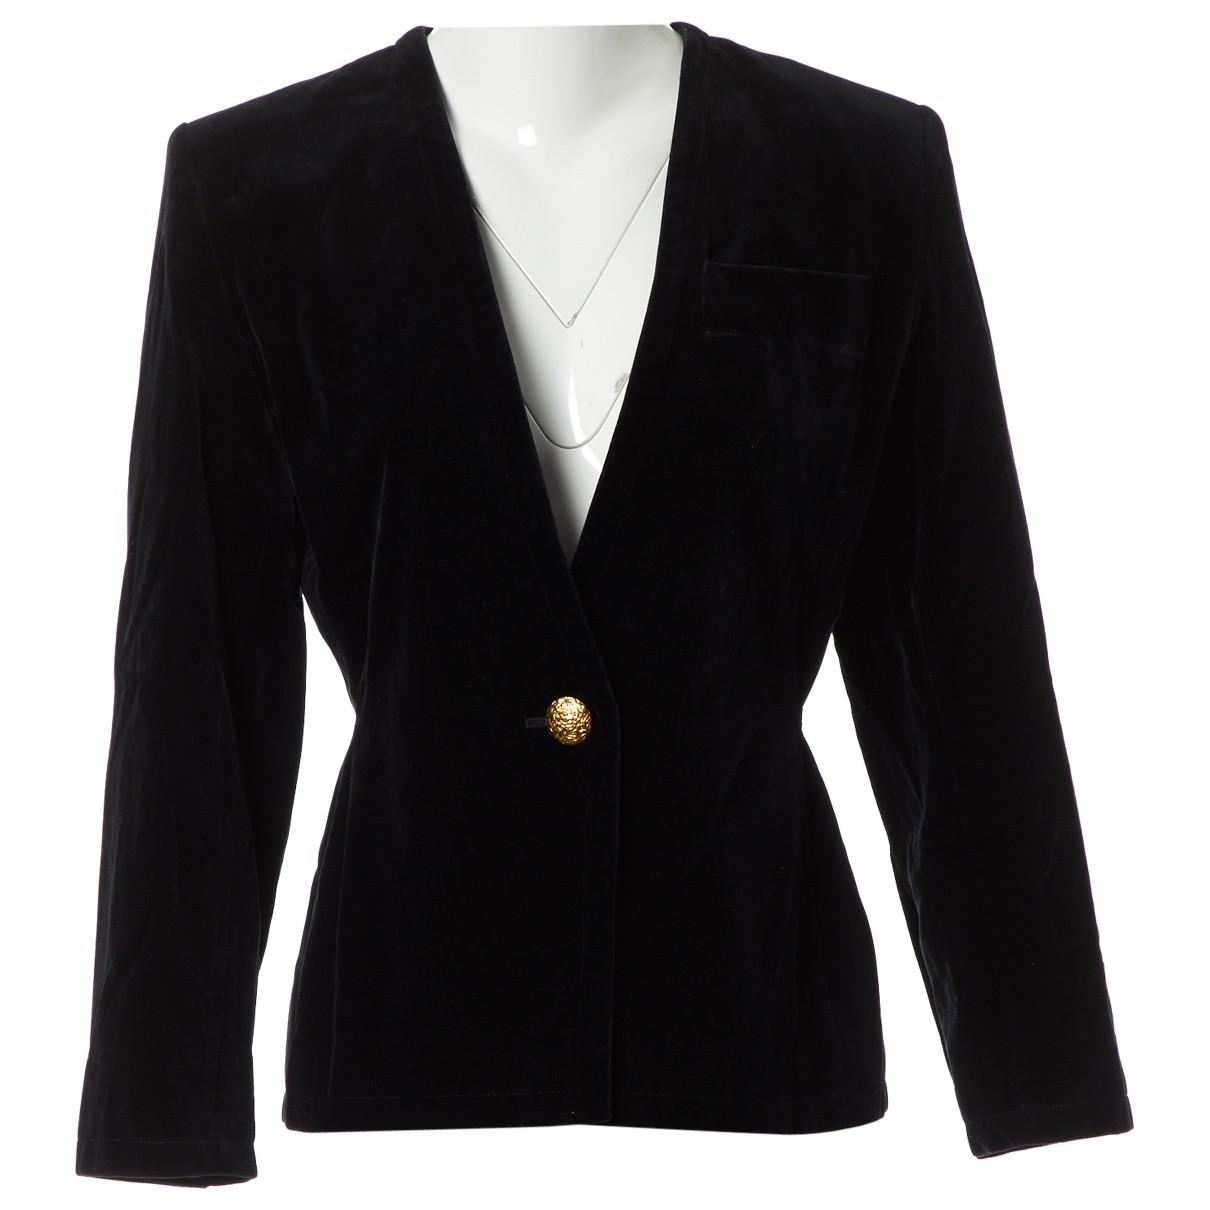 Yves Saint Laurent \N Black Velvet jacket for Women 38 FR